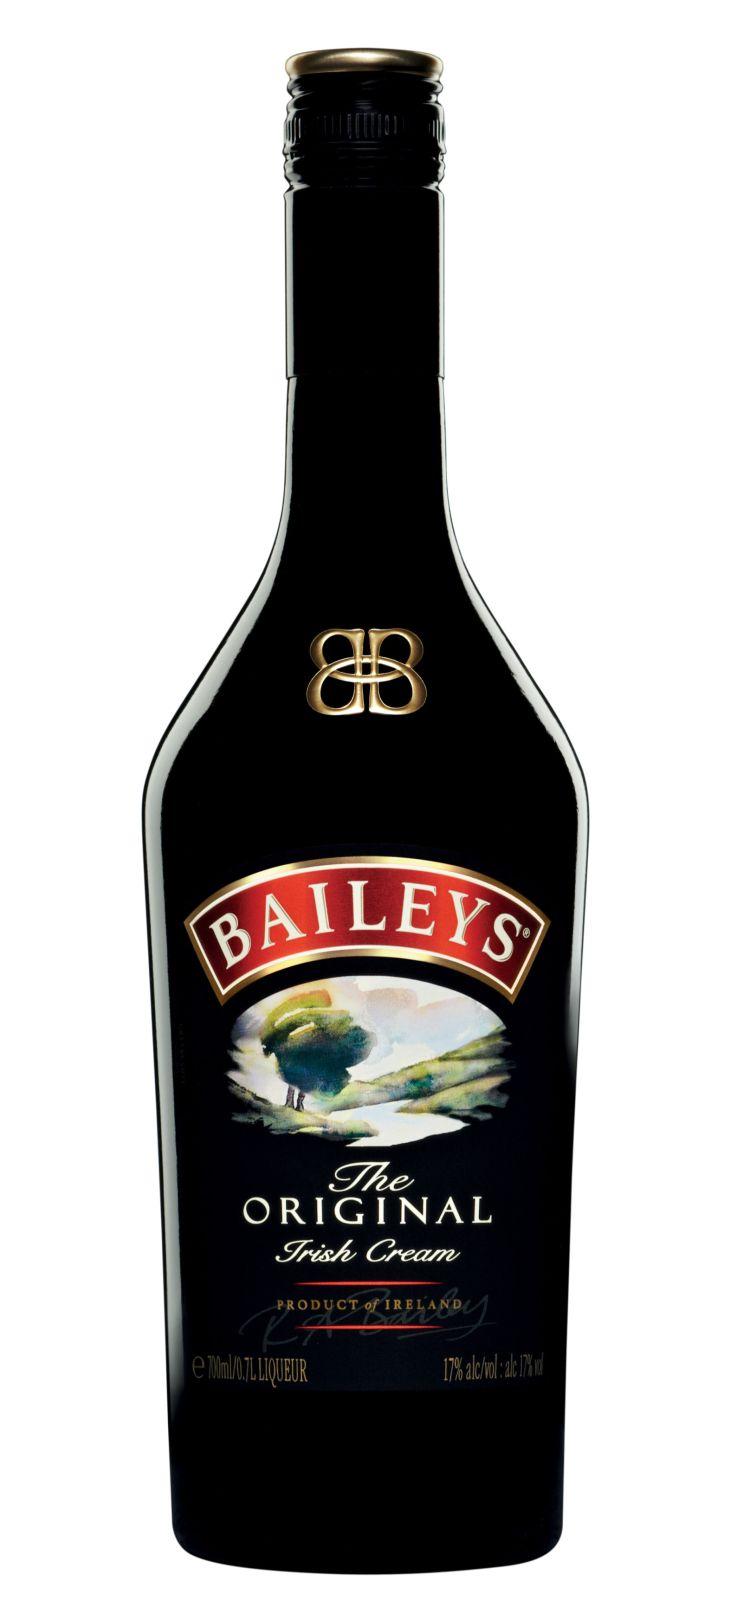 Baileys Bailey's Irish Cream 17 % 0,5 l (holá láhev)